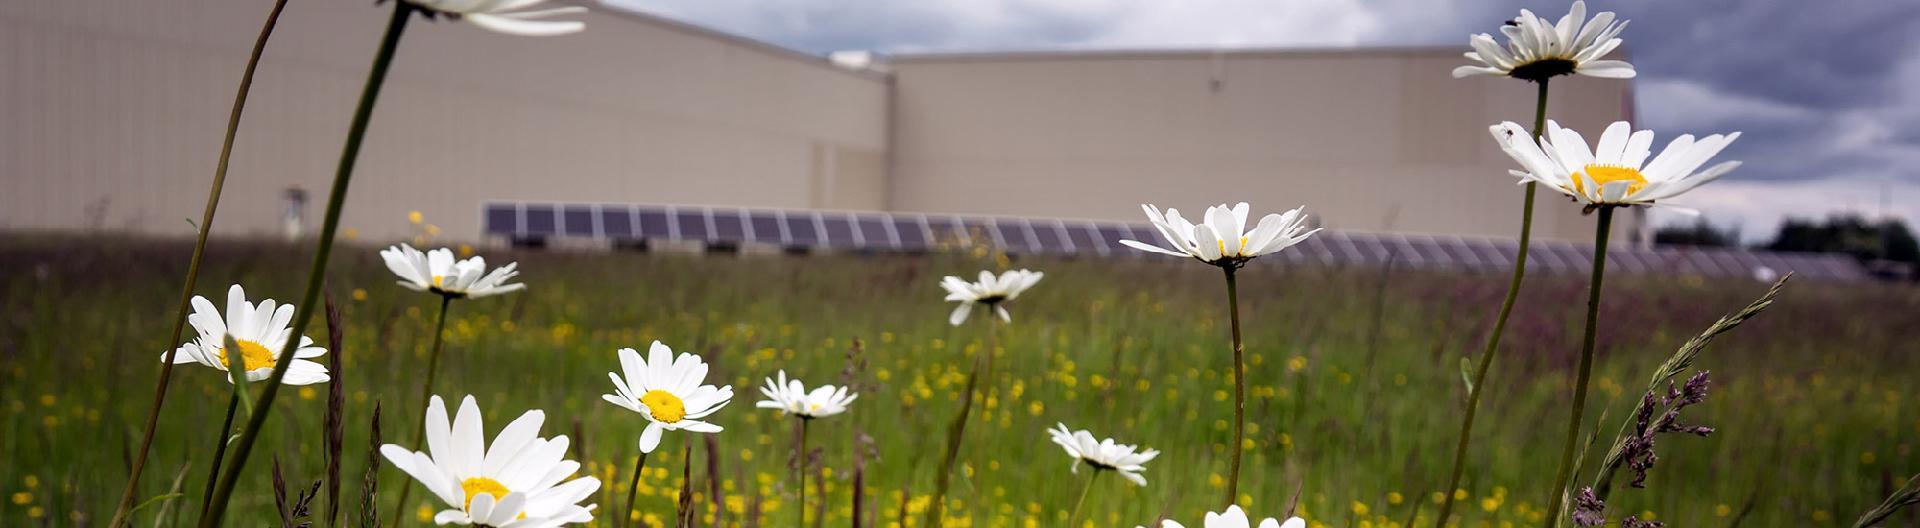 factory-flowers.jpg